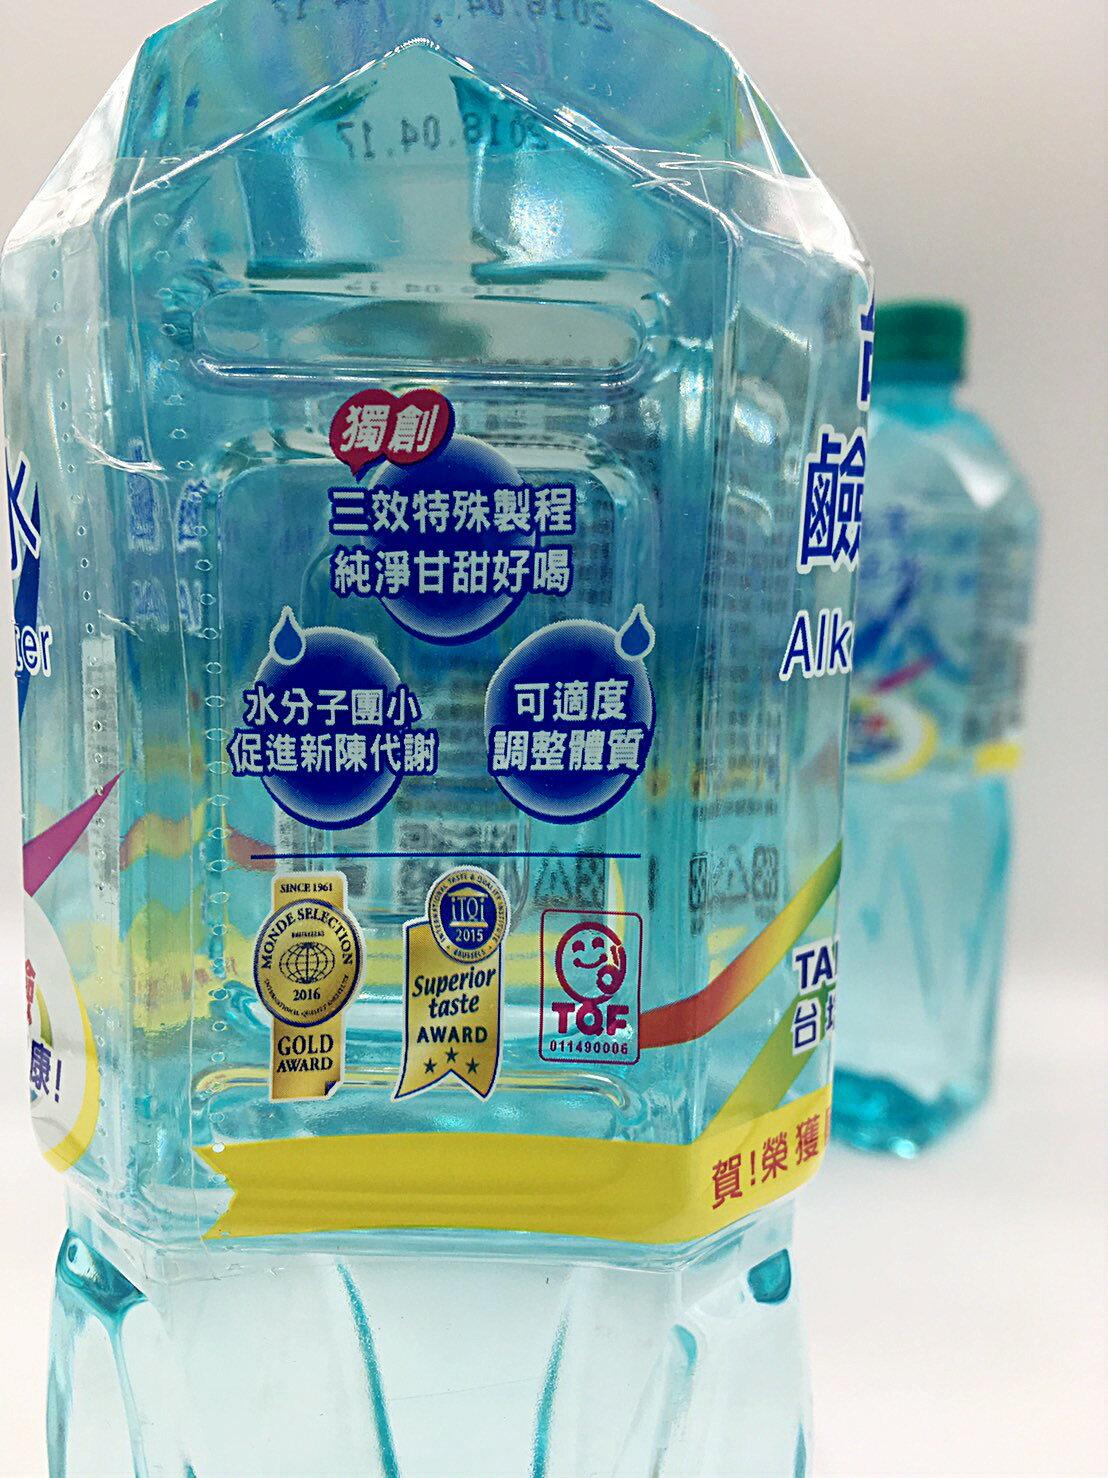 限宅配 台鹽 海洋鹼性離子水850mlx20瓶 礦泉水 竹炭水 海洋鹼性離子水 多喝水 純水 悅氏 1